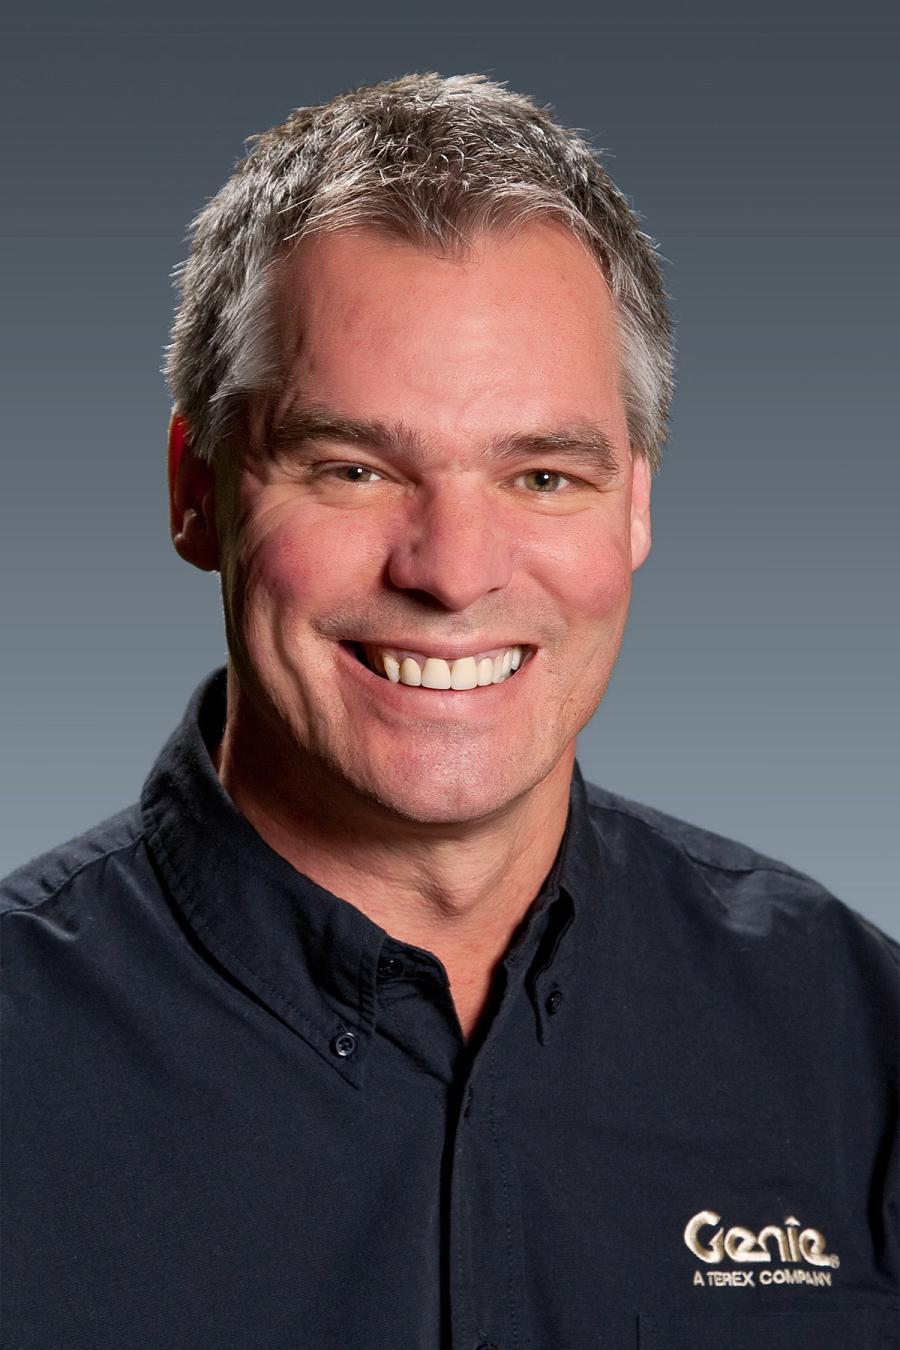 Scott Owyen